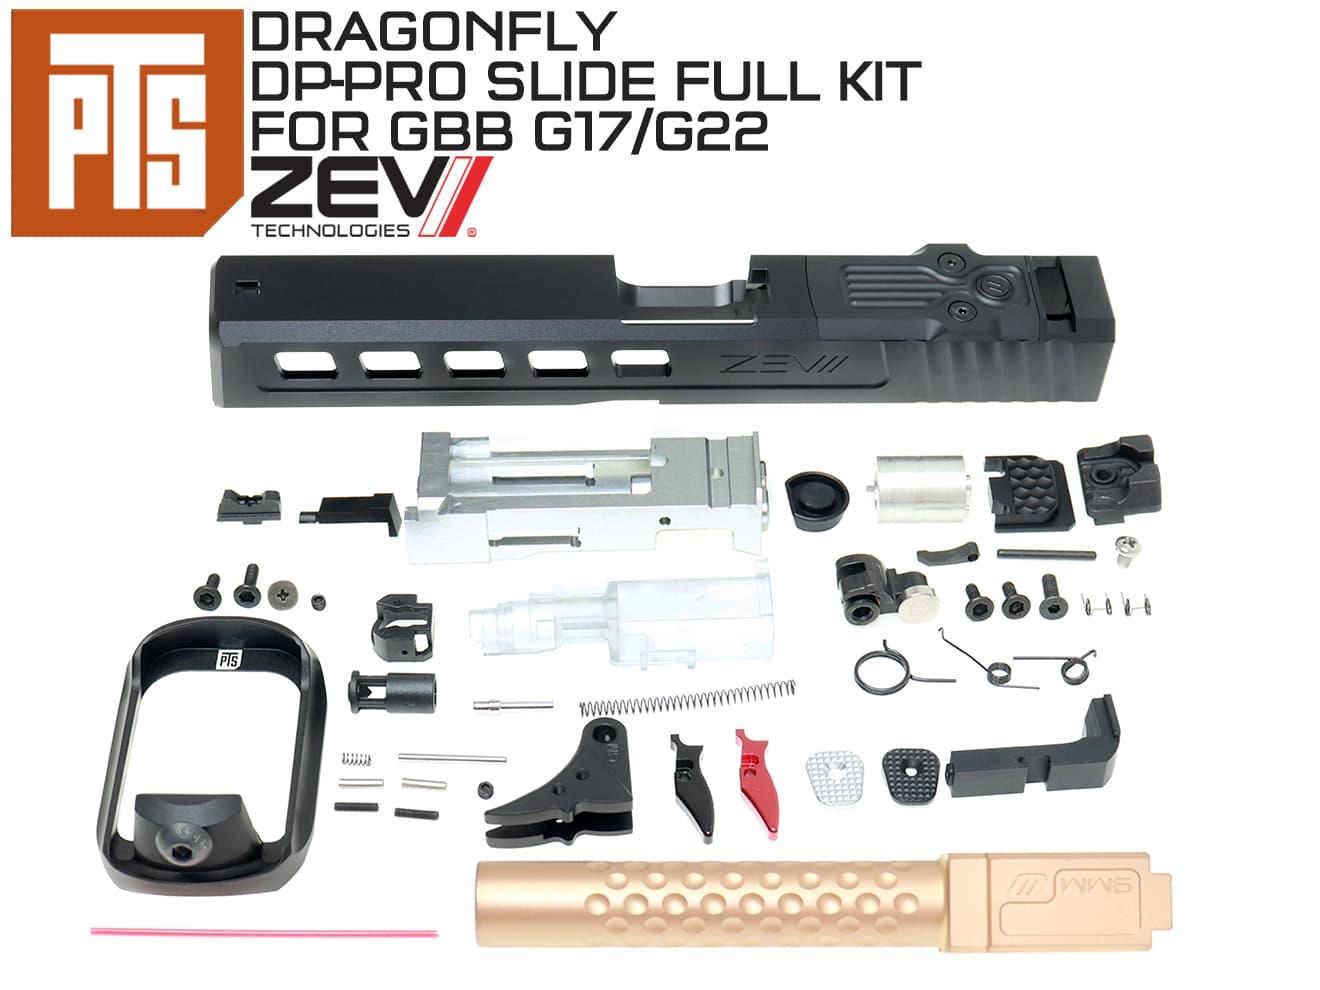 PTS ZEV Dragonfly DP-PRO G17 スライド/アウターバレル フルキット BK◆G17/G22 ドラゴンフライ マグウェル コンバットサイト ステンレスバレル 正規ライセンス